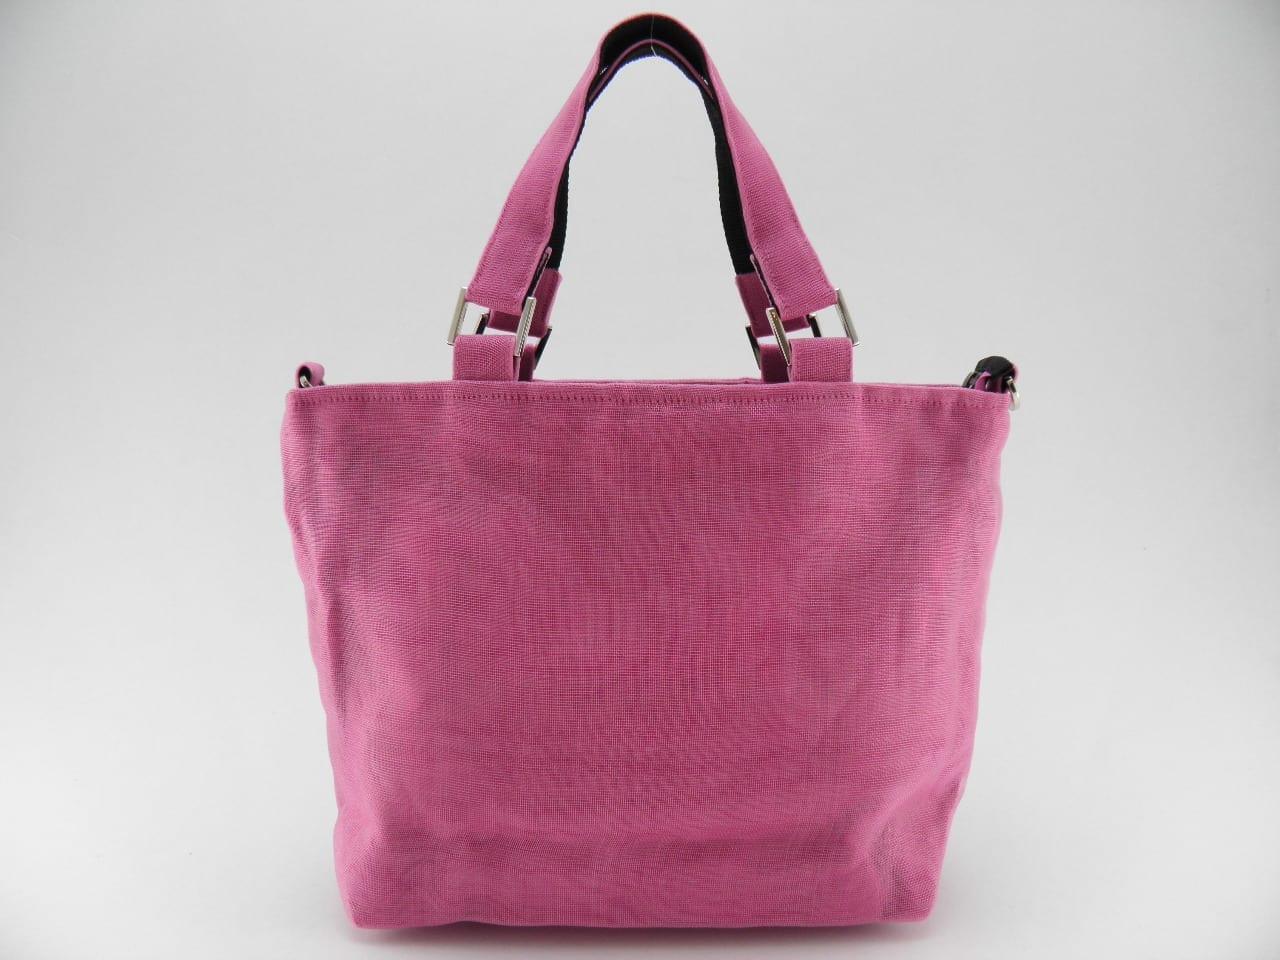 Unix - Ethical handbag - Small - Pink - verso